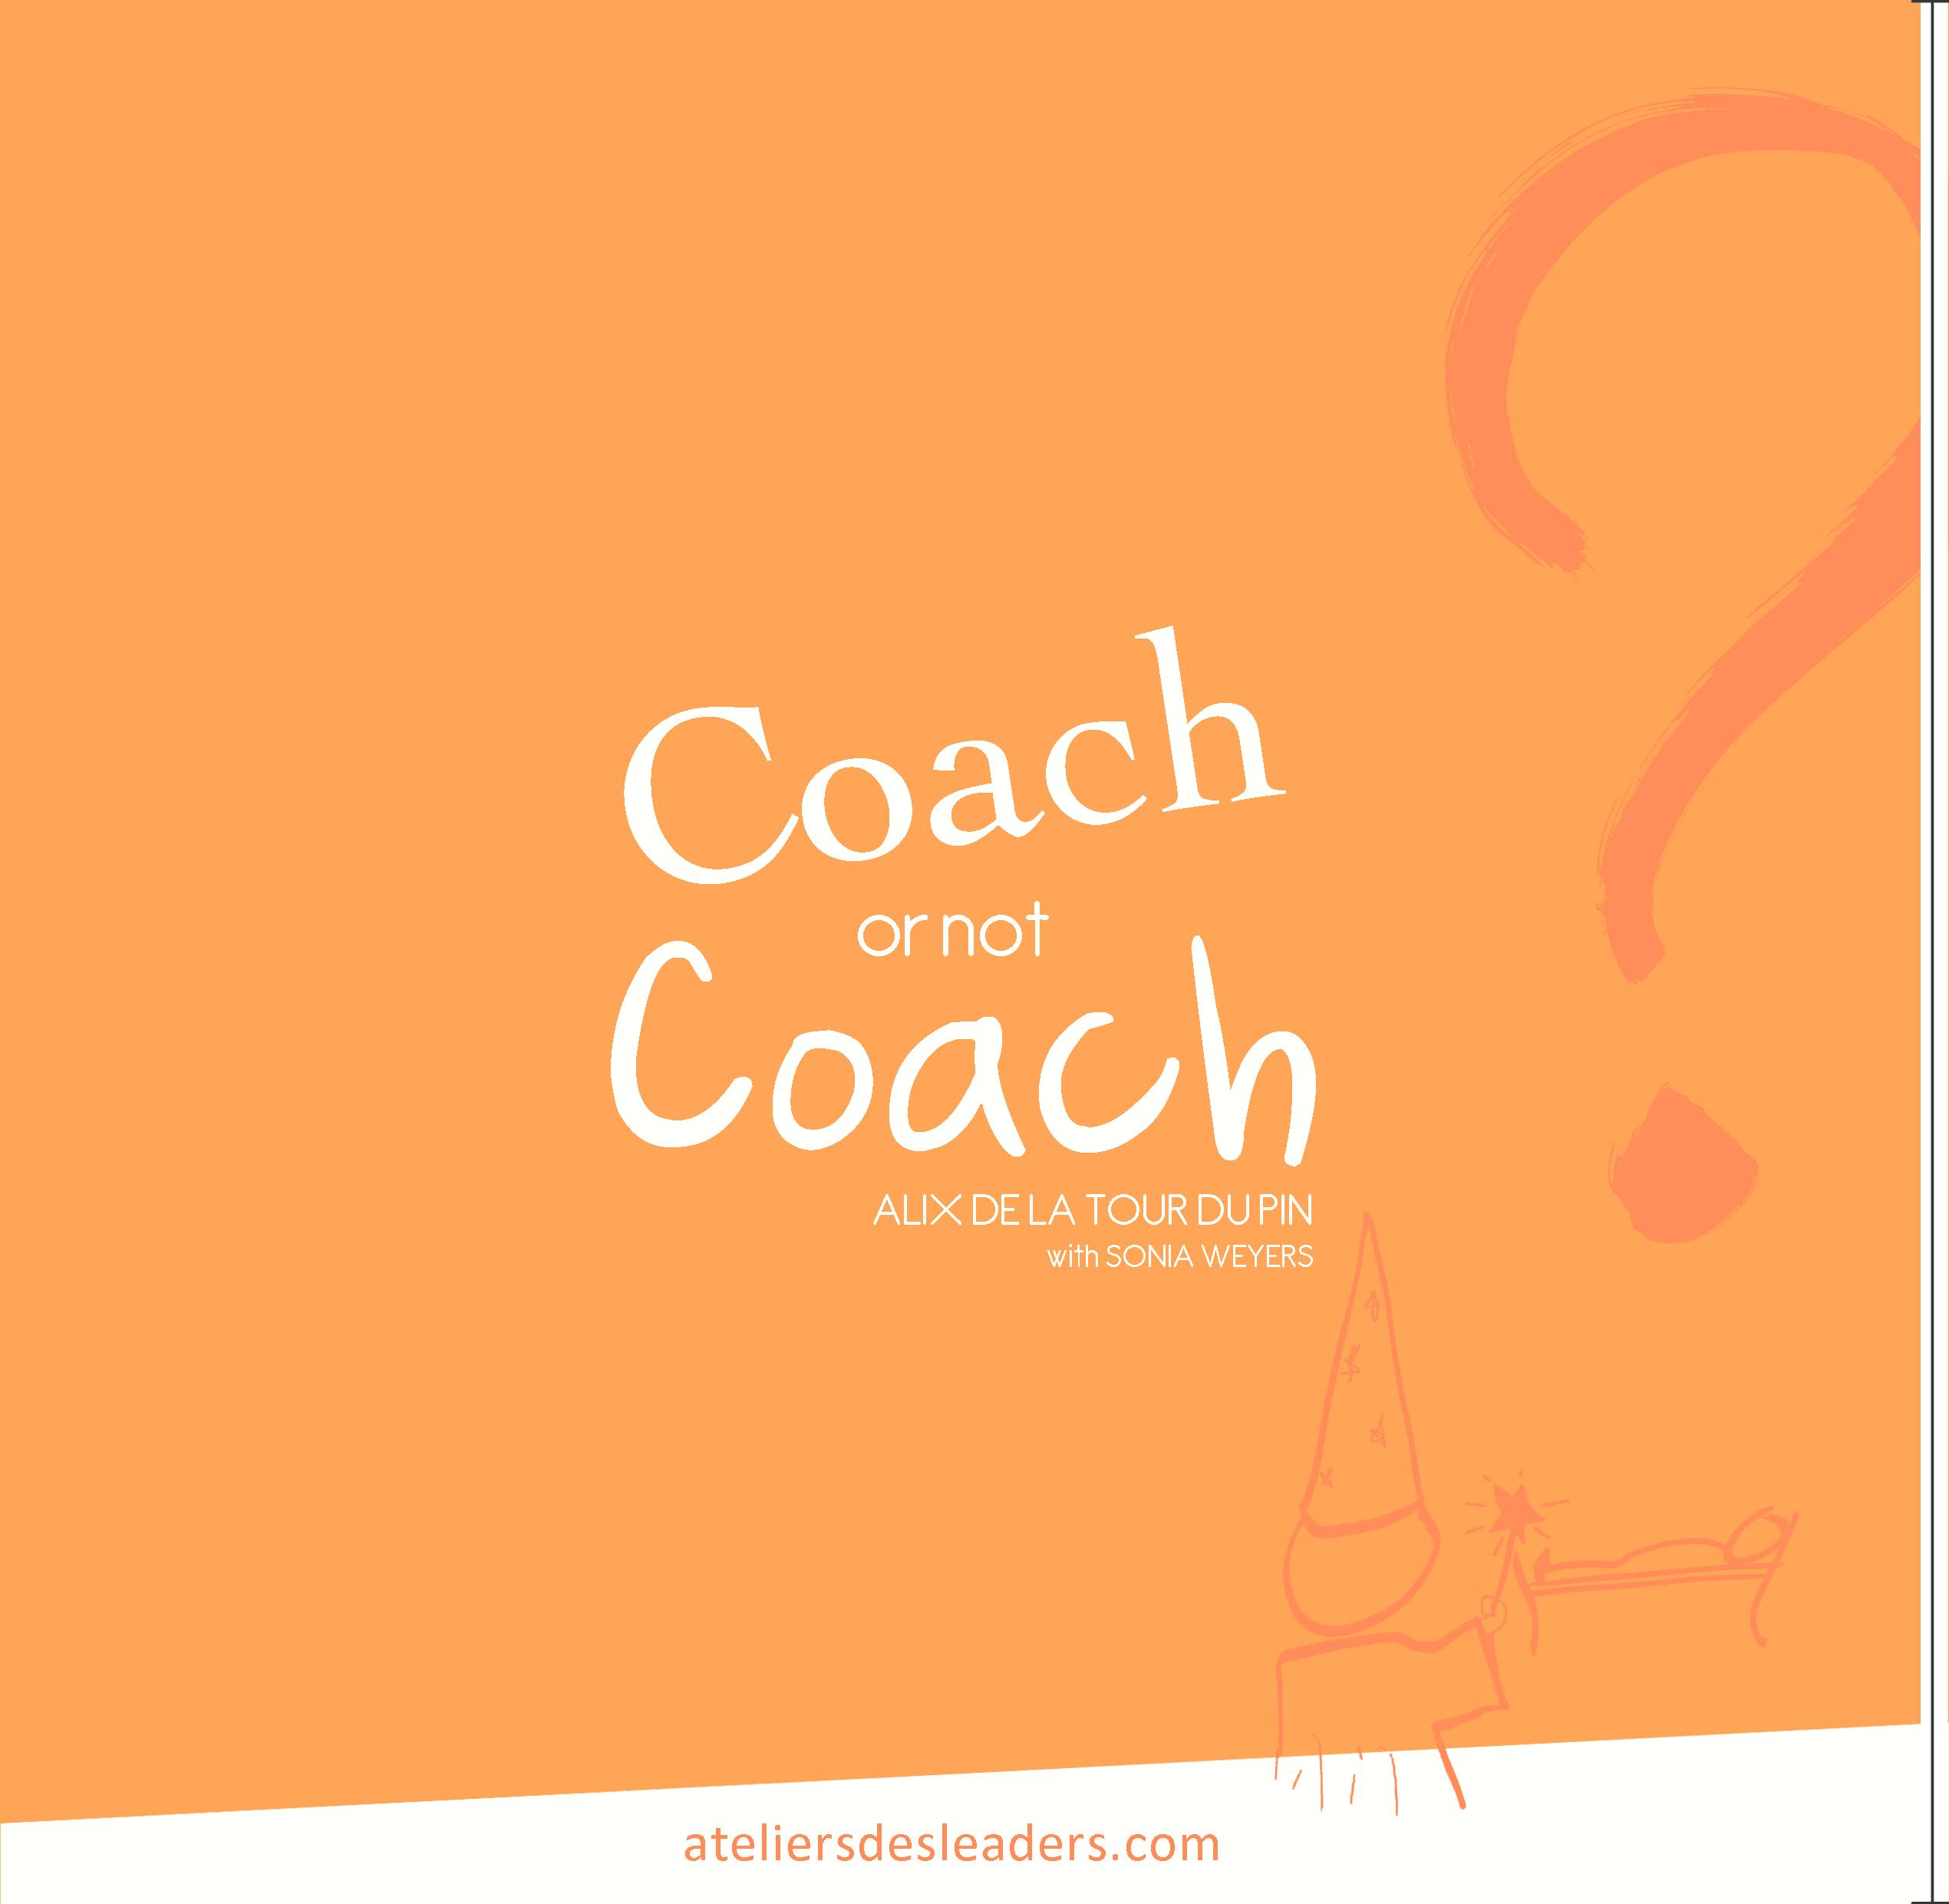 Coach or not coach ? (English) 21x21